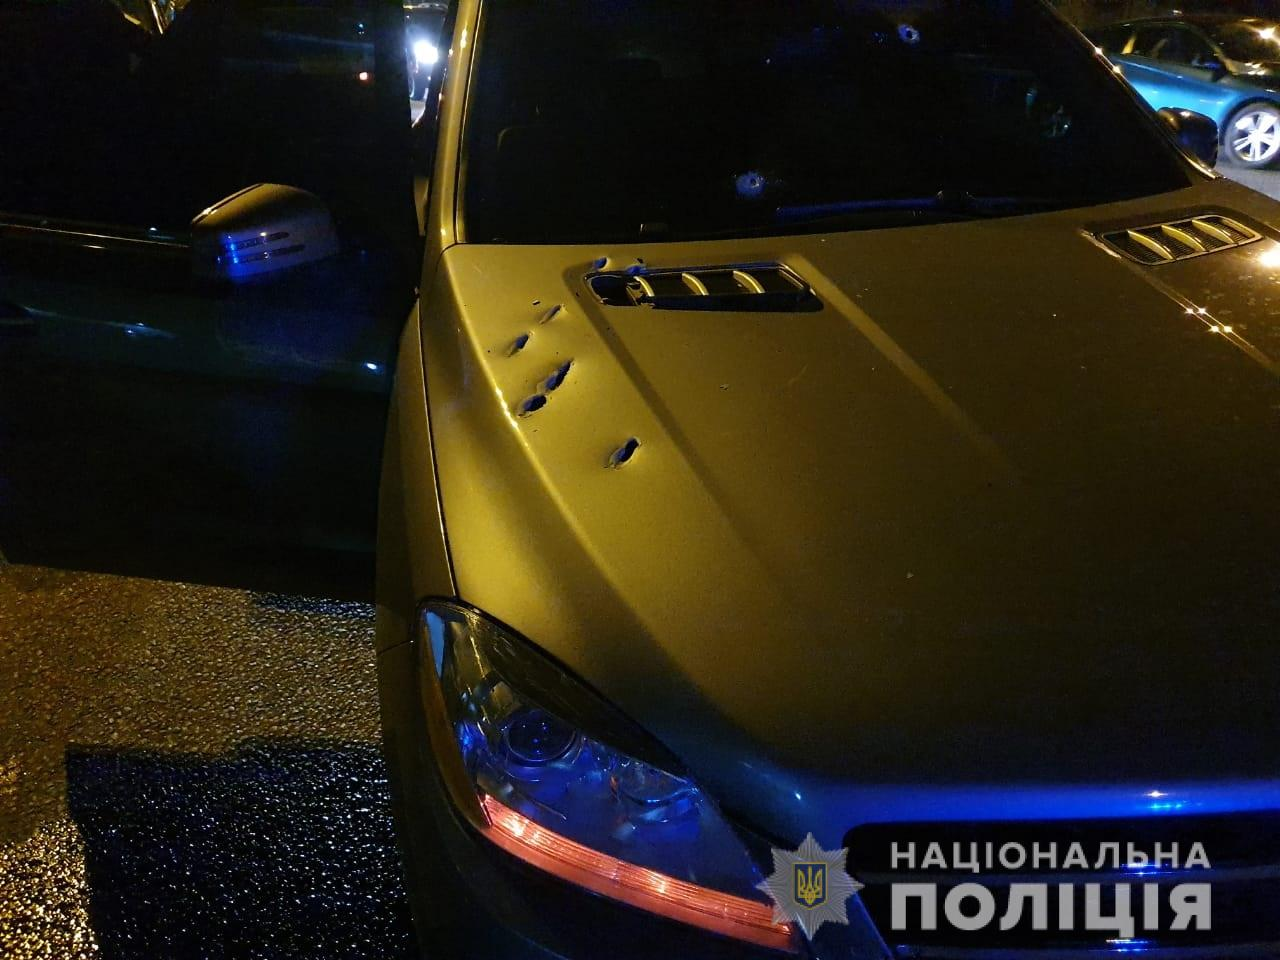 Убийство на Набережной в Днепре: 4 задержанных. Новости Днепра